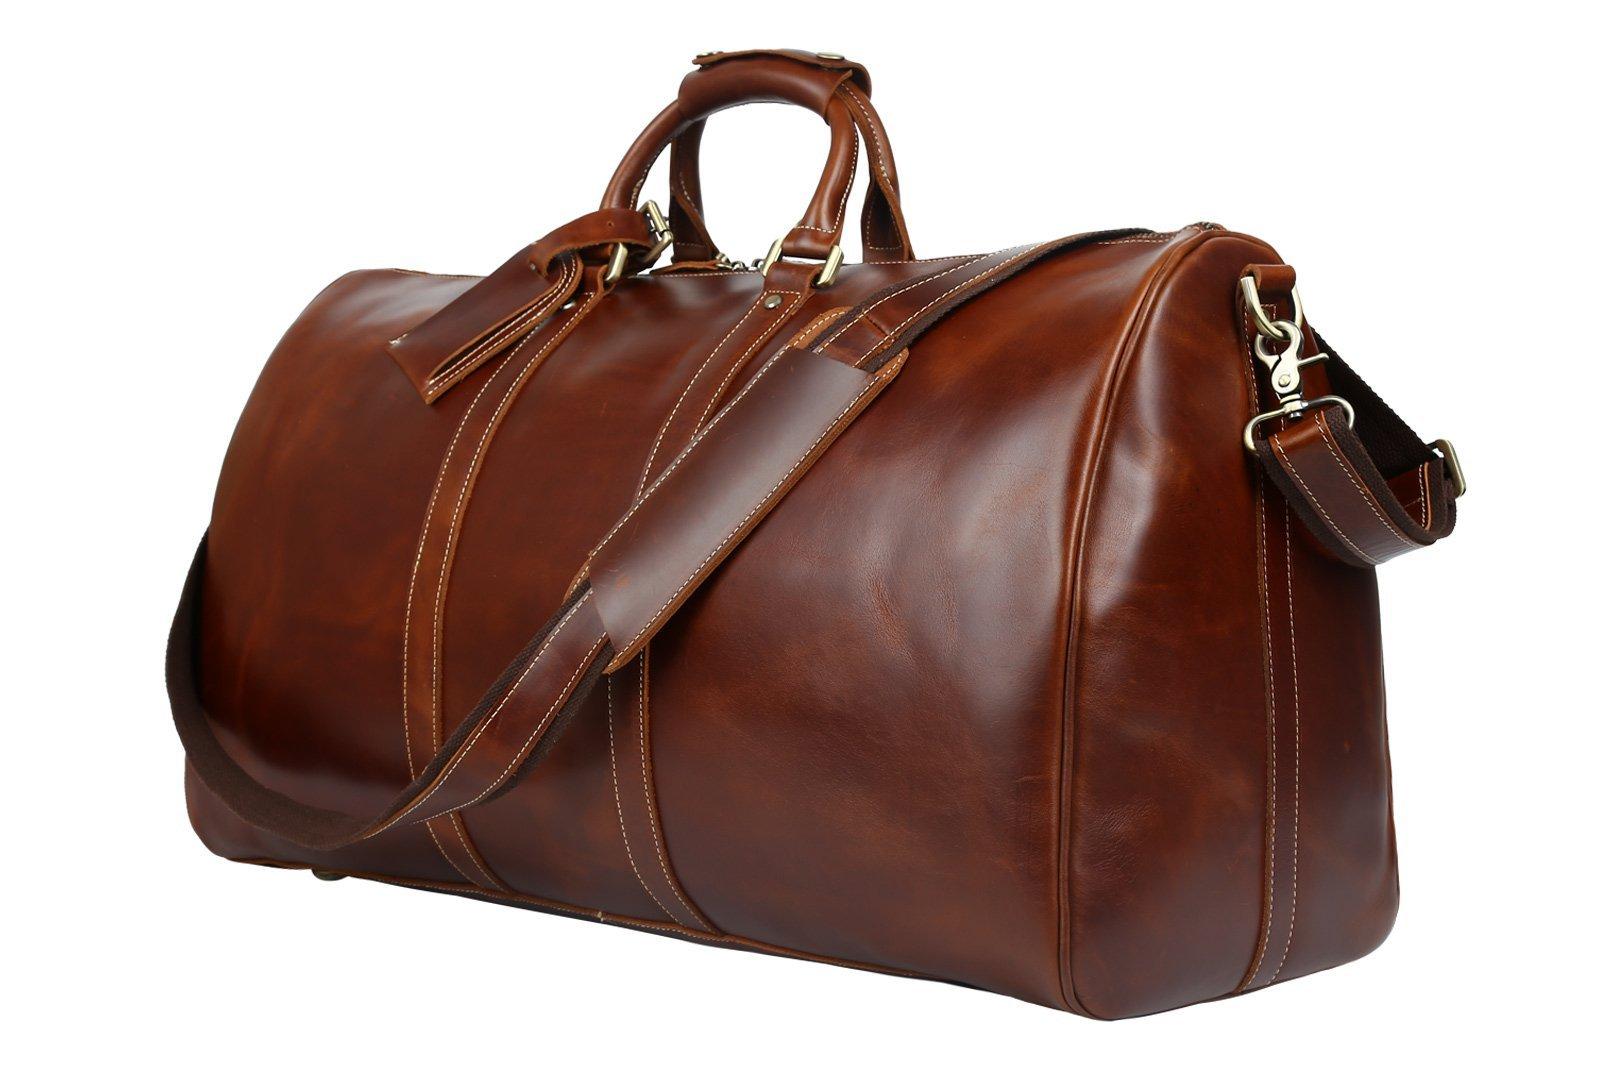 Huntvp Mens Leather Travel Duffel Bag Vintage Weekender Carry On Brown Luggage Bag